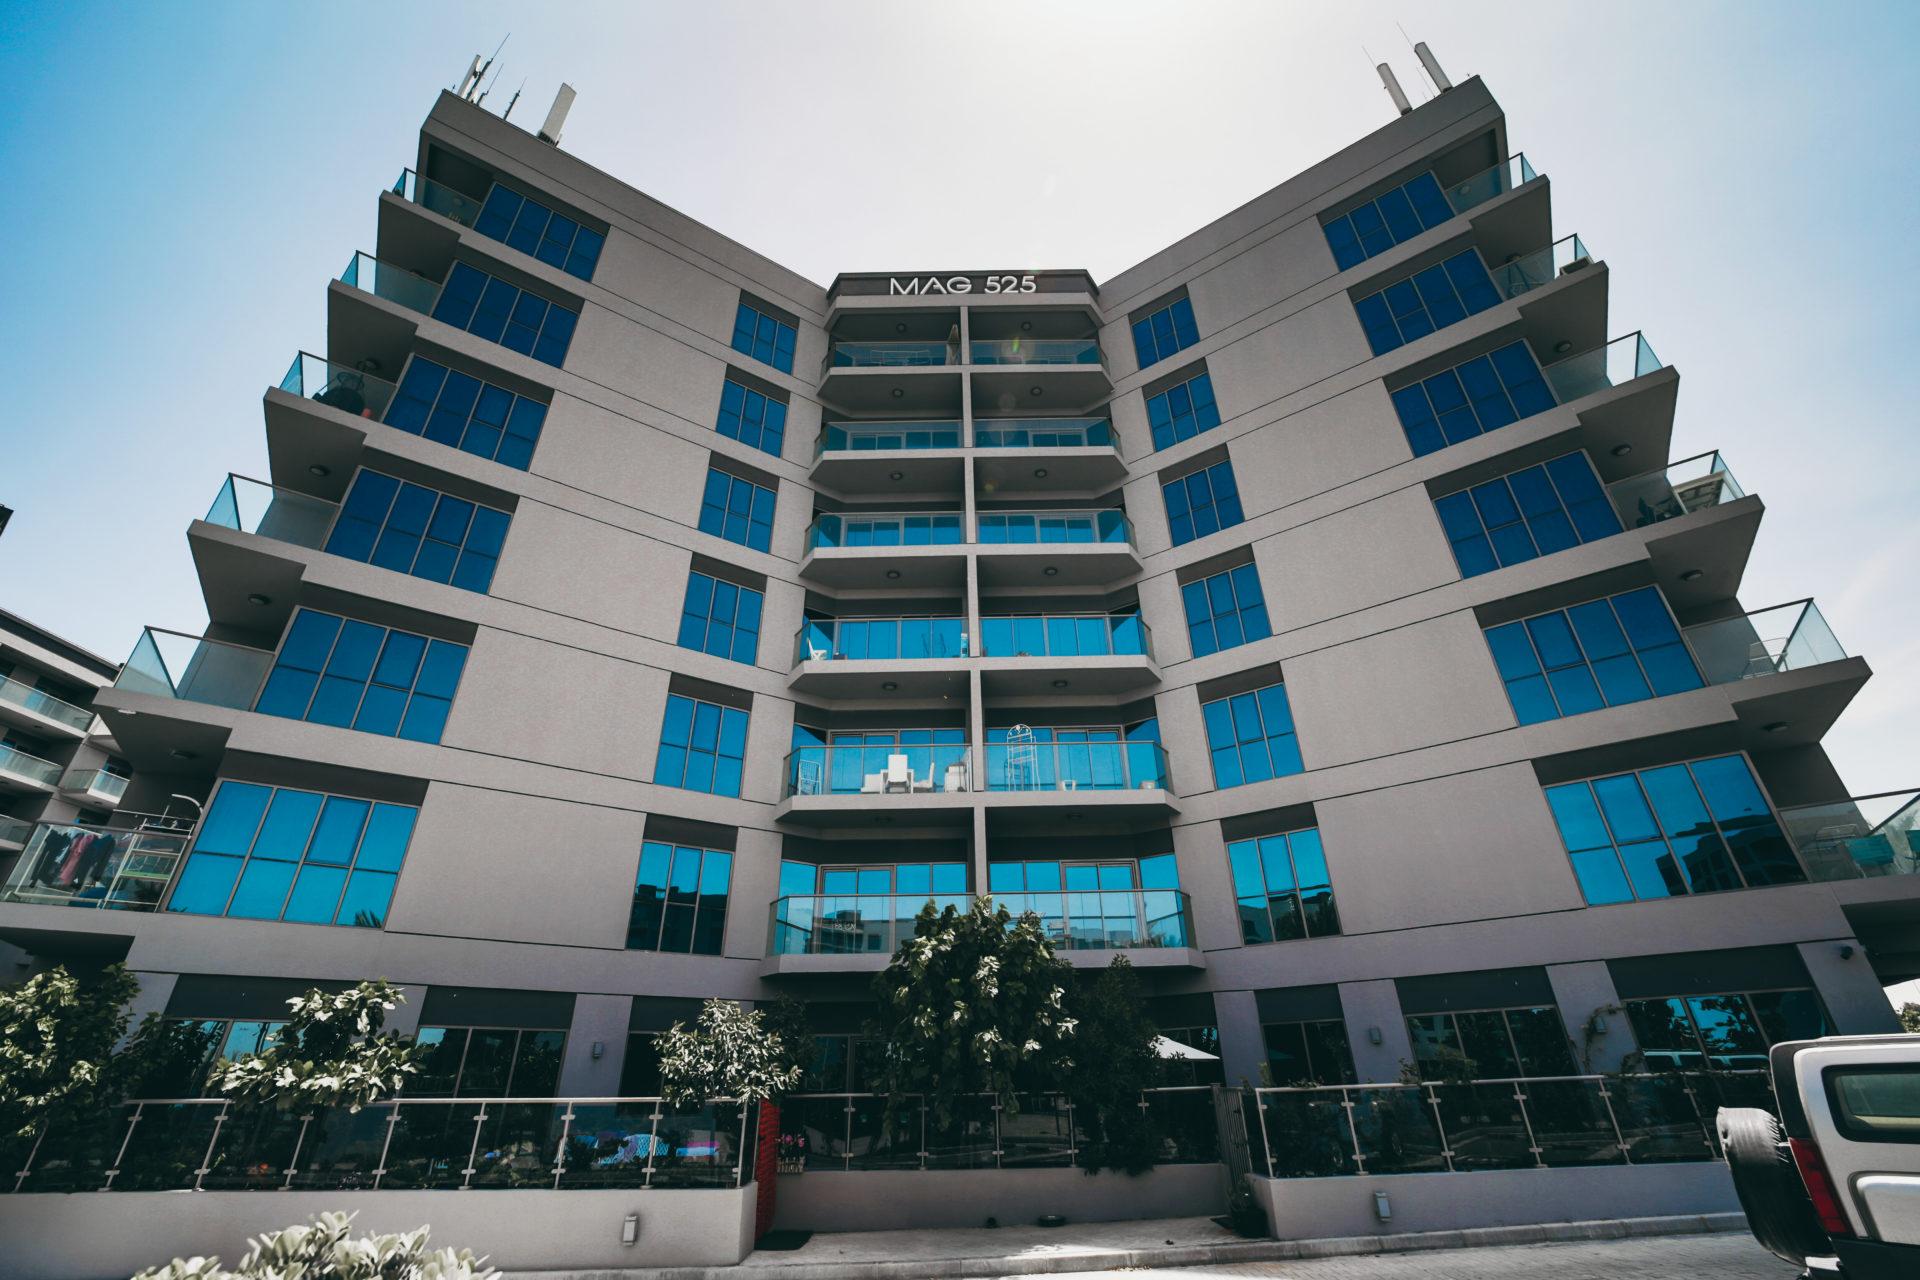 Квартира с 1 спальней и гостиной в MAG 5 Dubai South | EXPO 2020